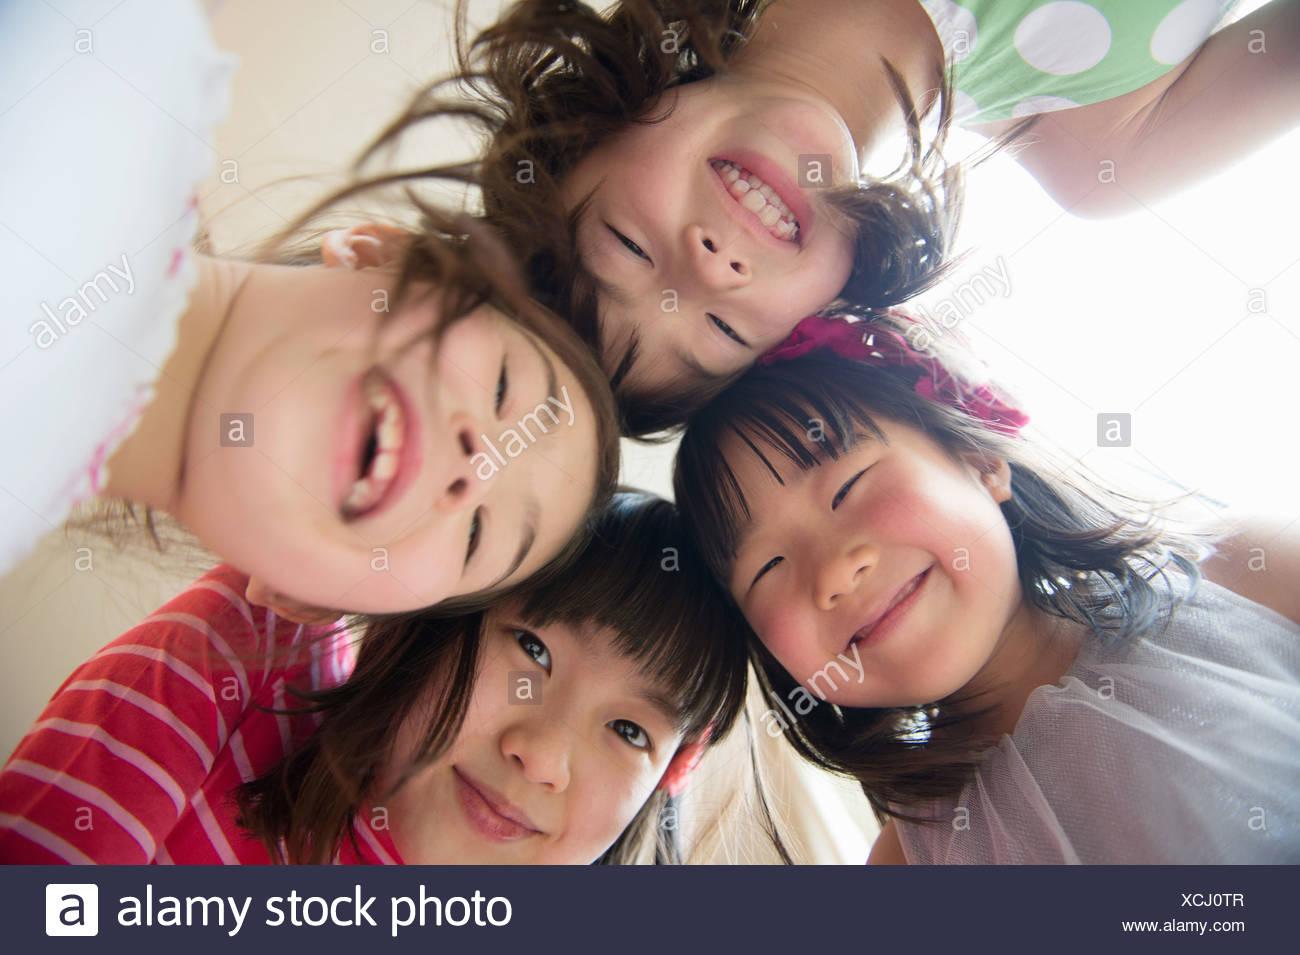 Ragazze in huddle guardando la telecamera, sorridente Immagini Stock